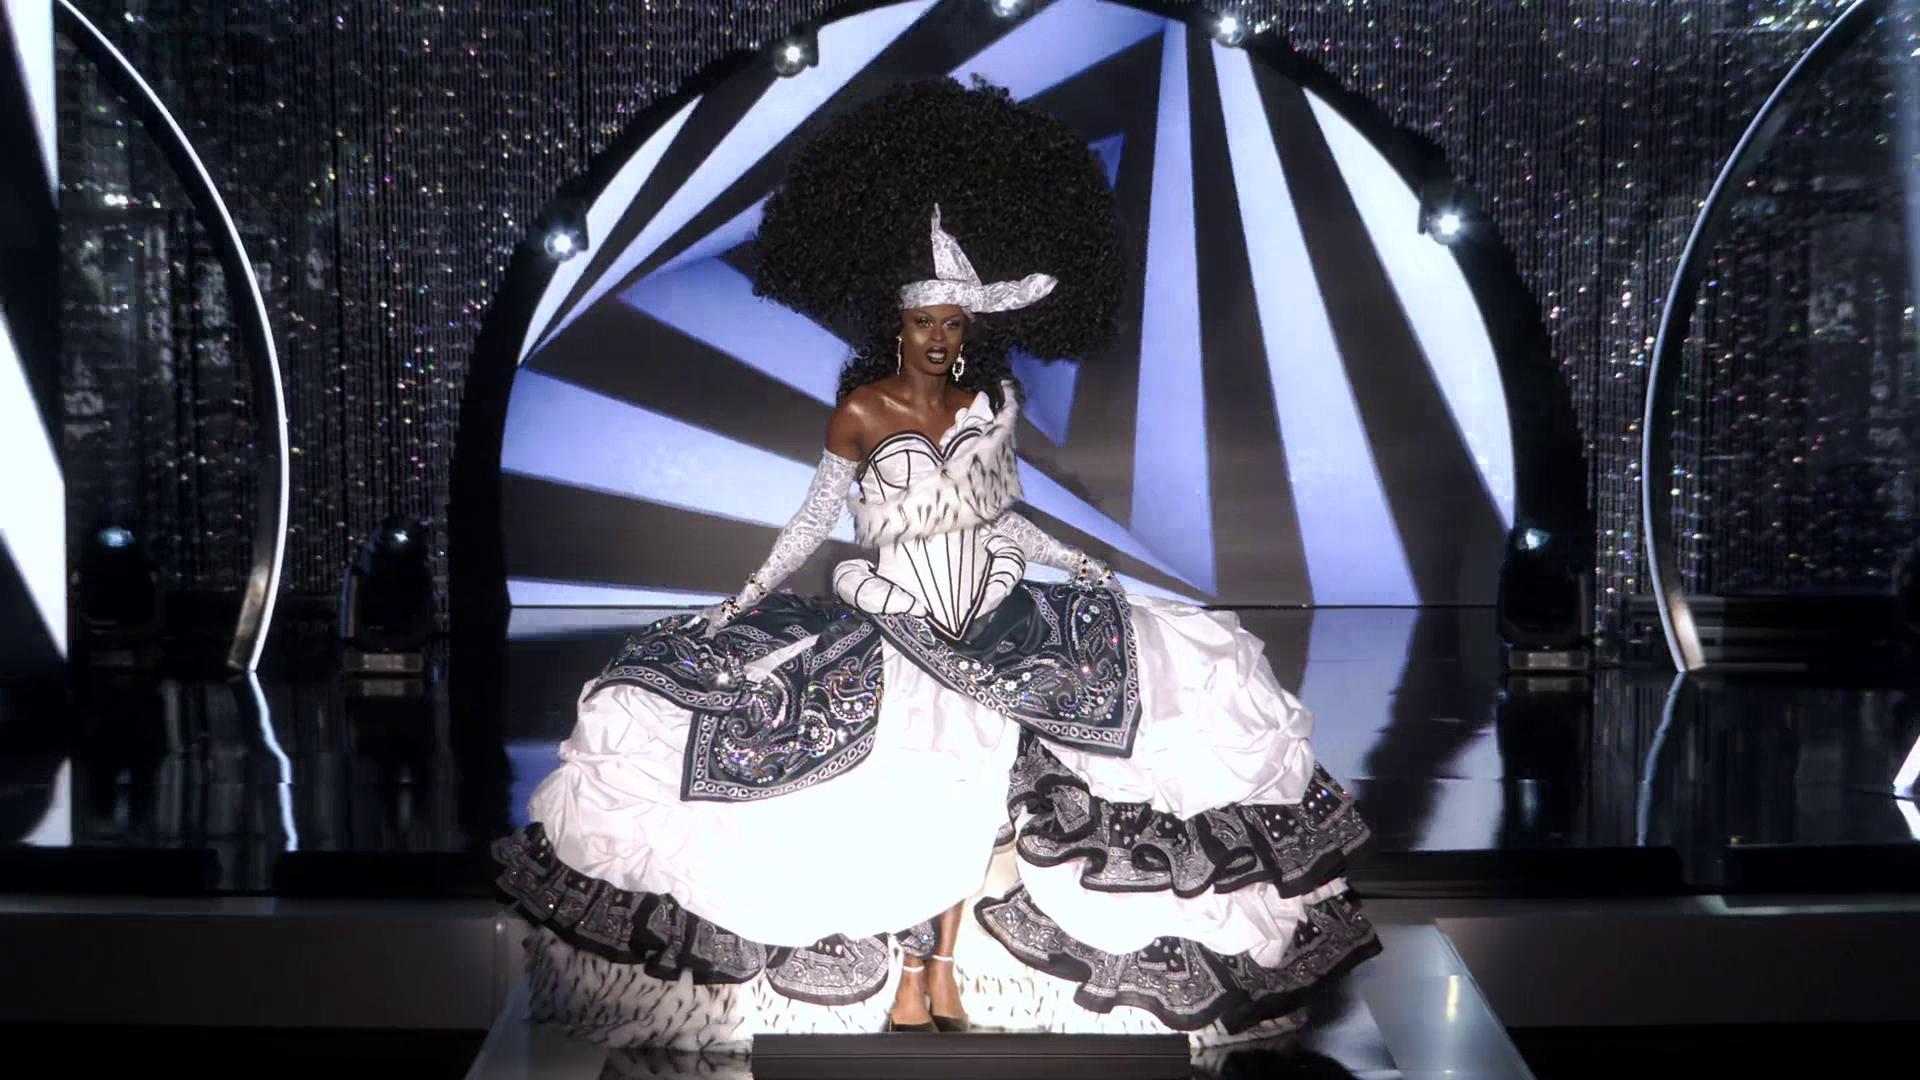 A imagem mostra Symone, uma participante da 13ª temporada de RuPaul's Drag Race. Ela é uma drag queen negra, e está vestindo uma grande peruca crespa em formato de meio círculo. Ela usa uma faixa branca na cabeça que sobe para a peruca. Seu vestido é branco e preto, com diversas estampas e babados.